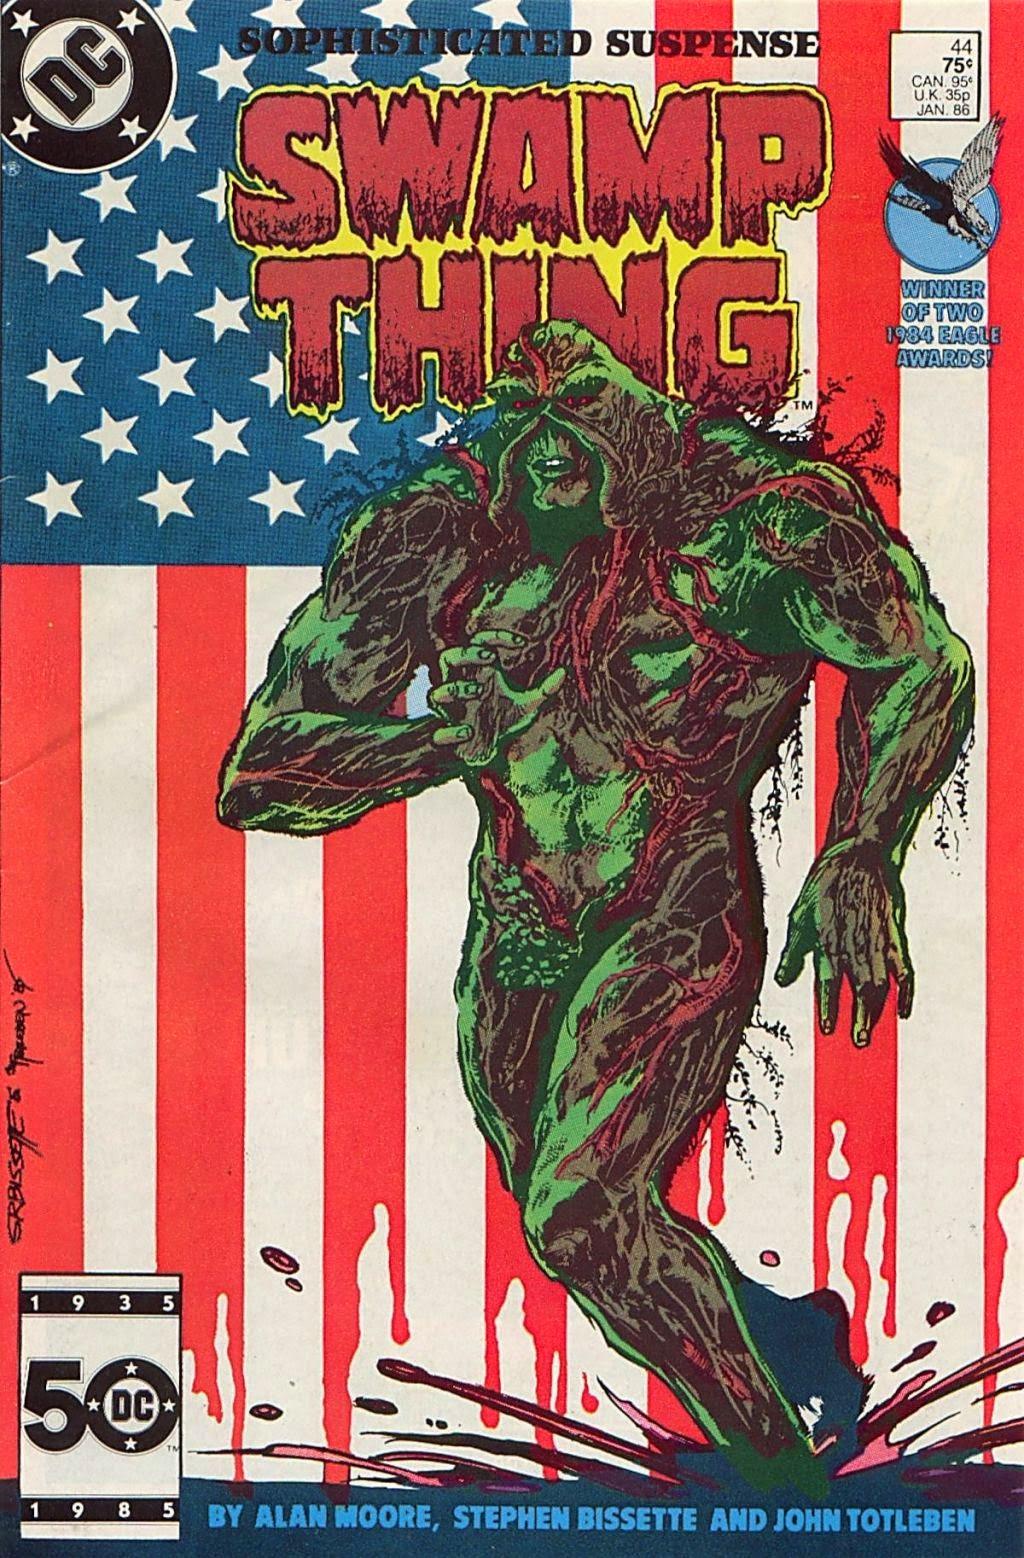 """Résultat de recherche d'images pour """"swamp thing cover moore"""""""